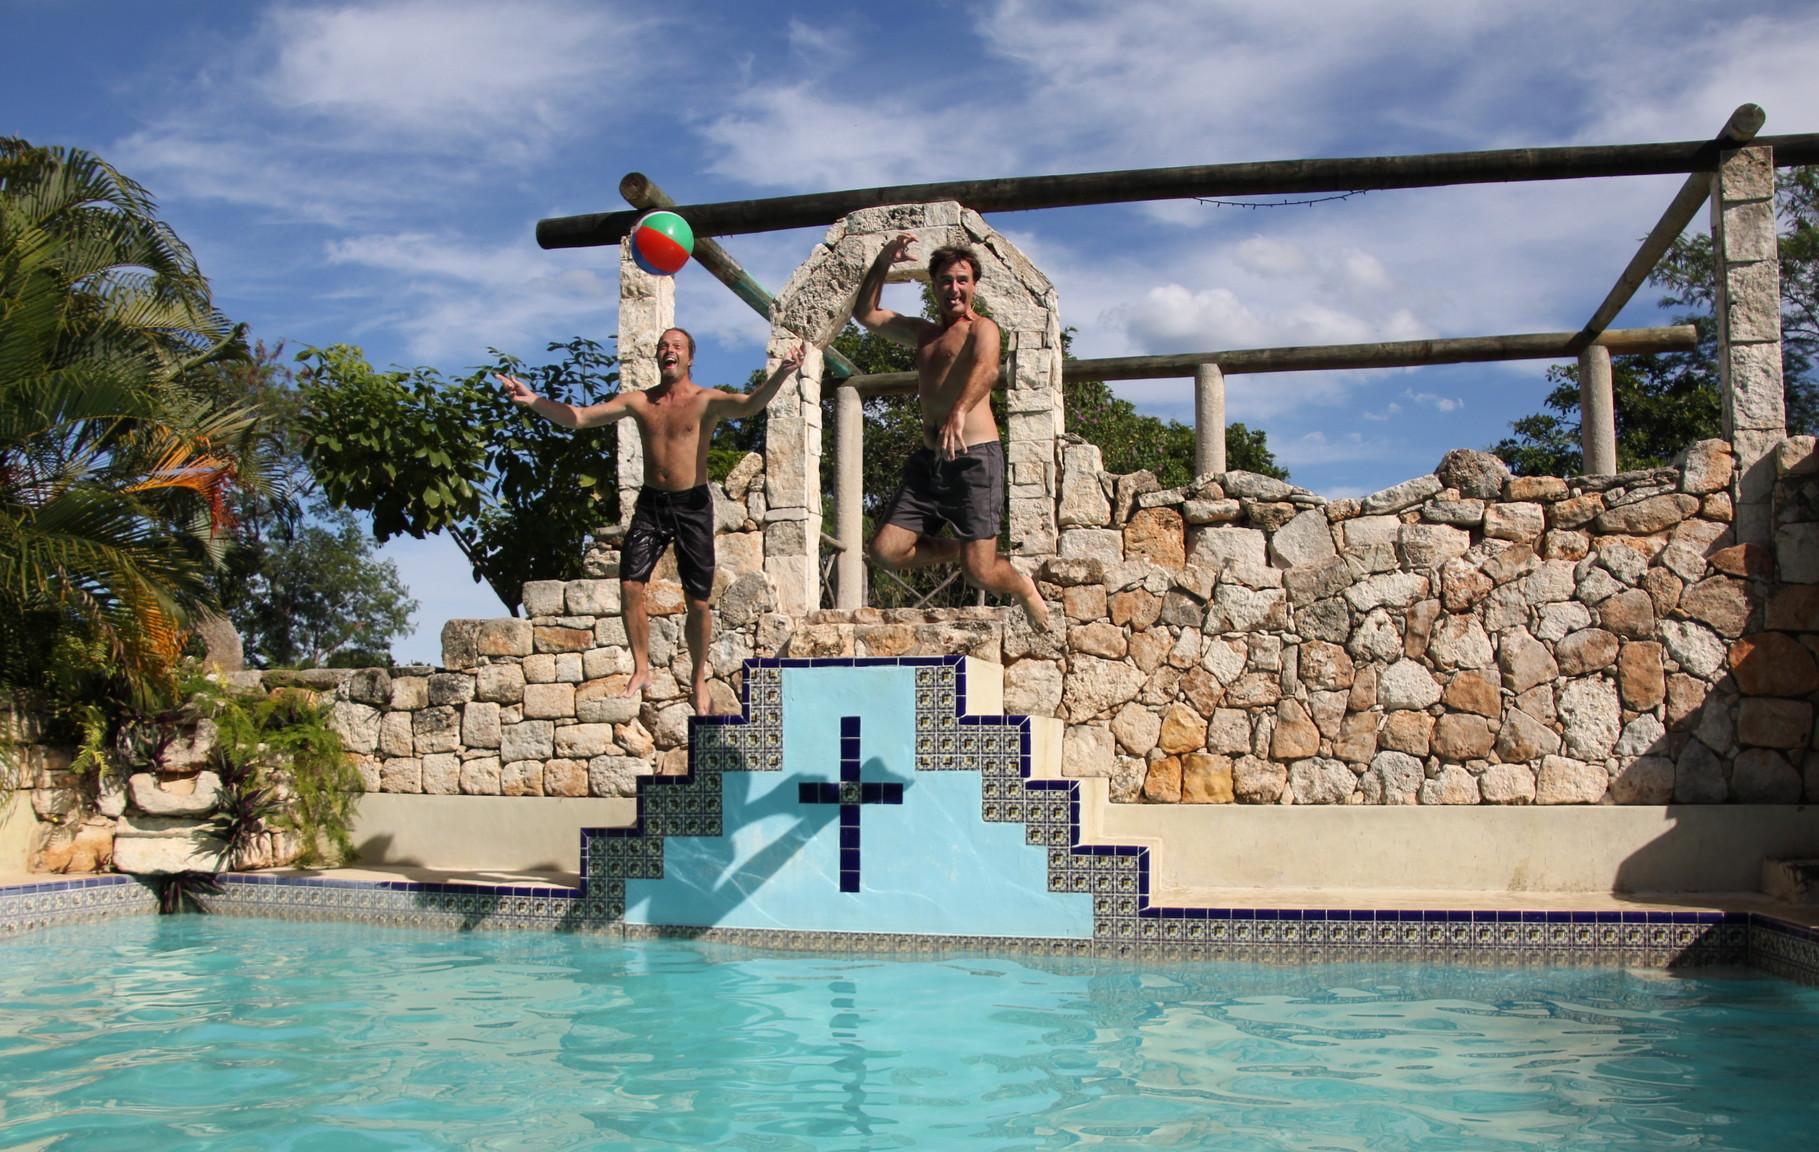 MEXICO 2012 - IZAMAL